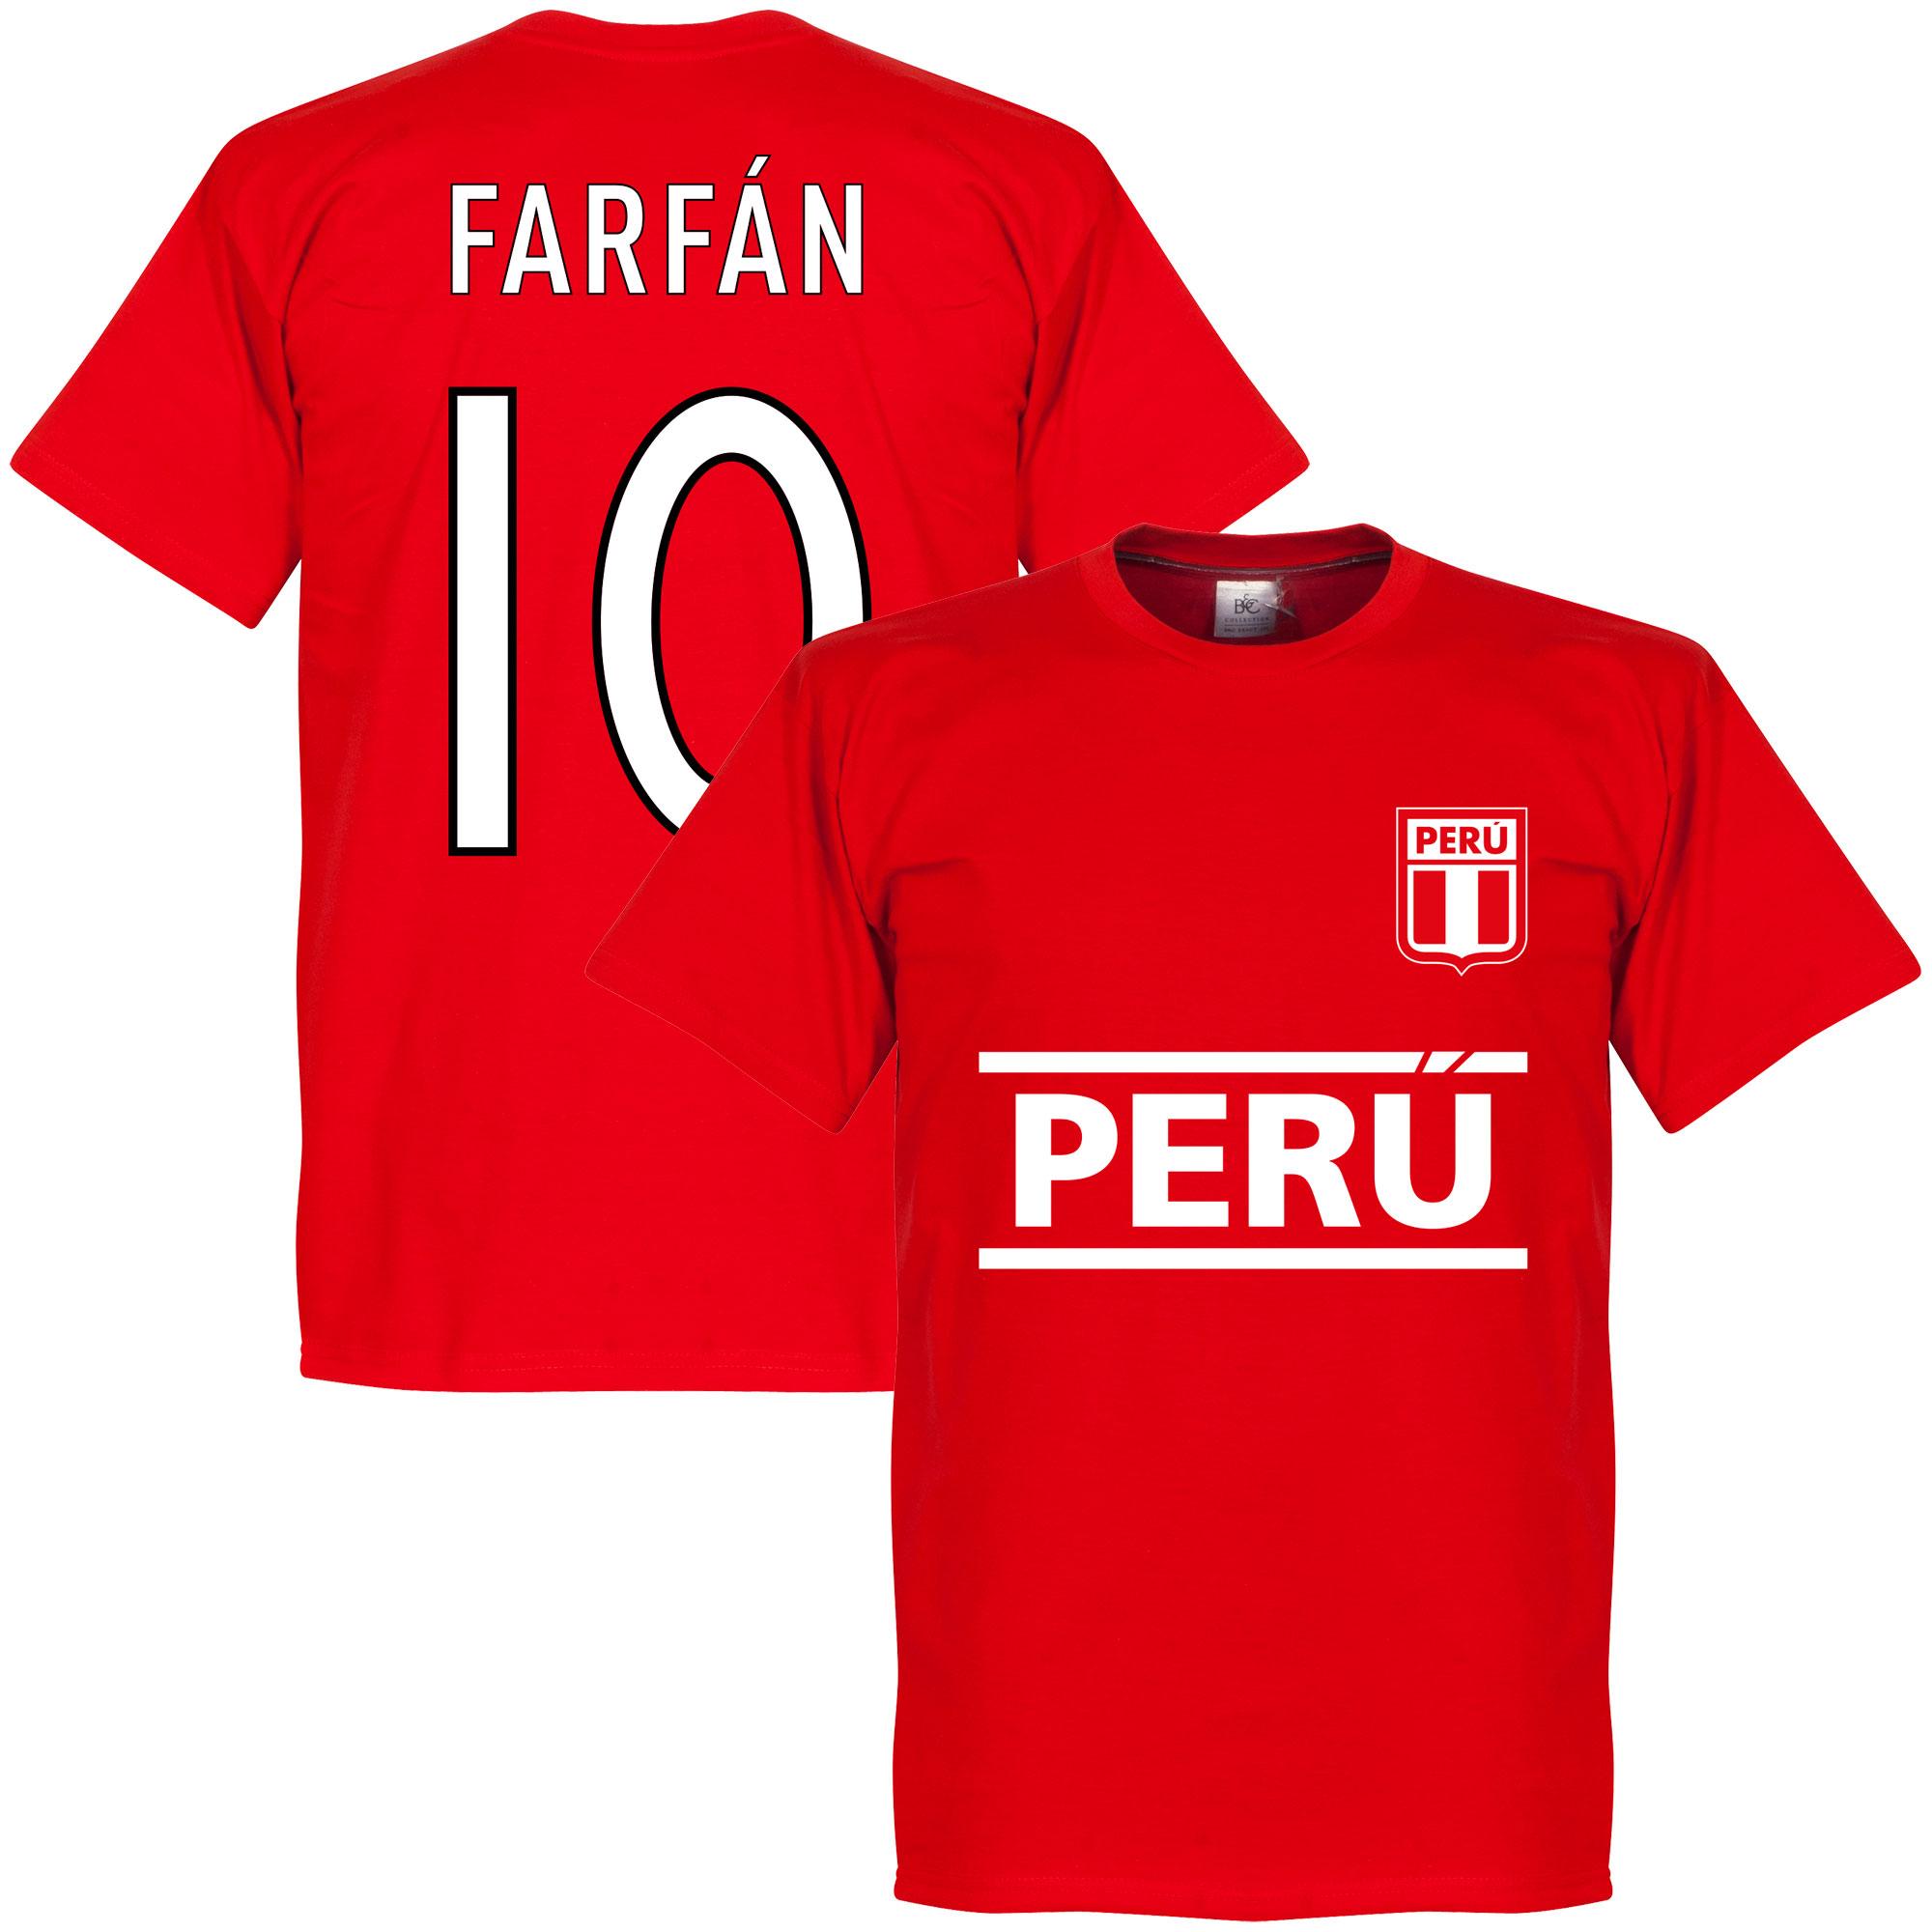 Peru Farfan Team T-Shirt